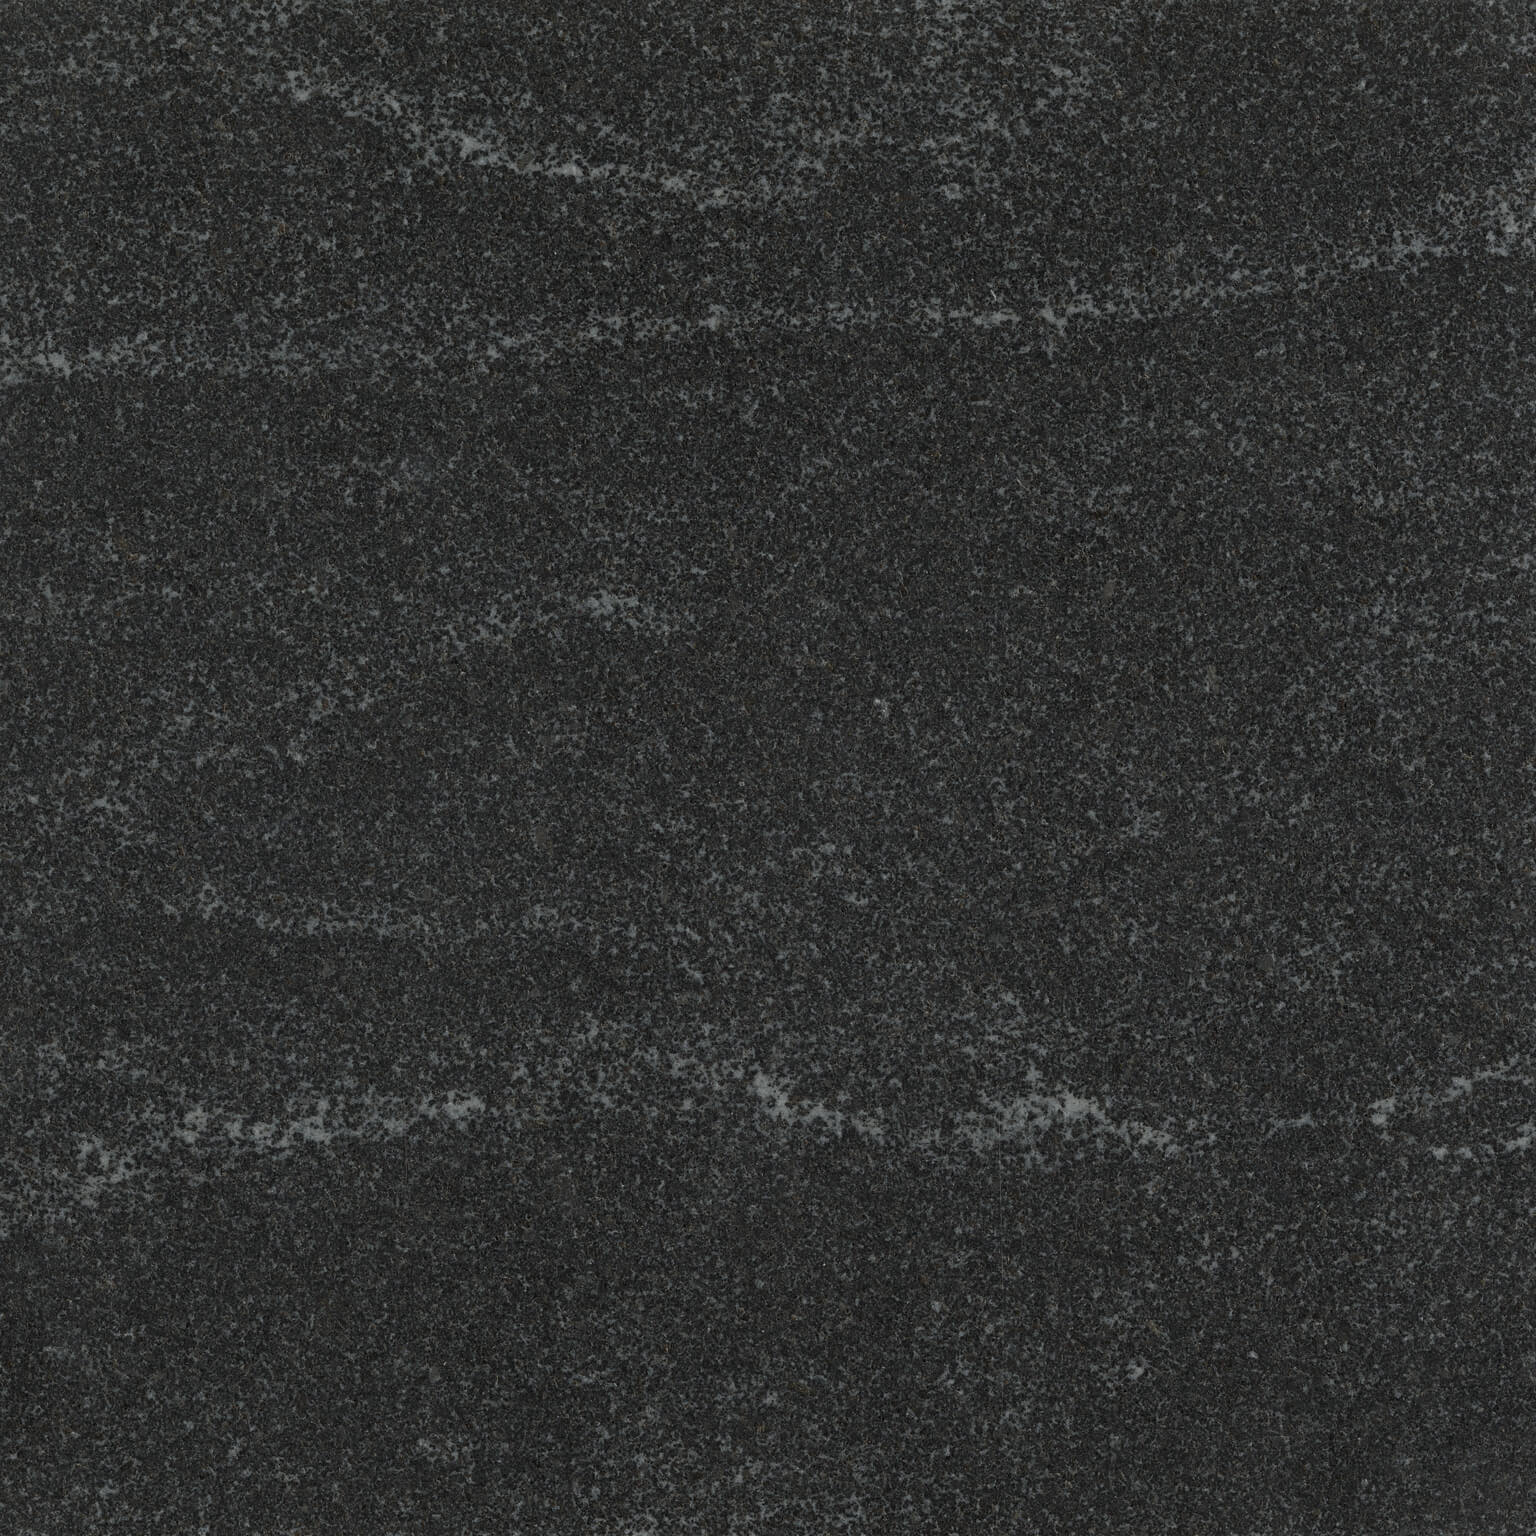 American Black Marble Trend Marble Granite Tiles